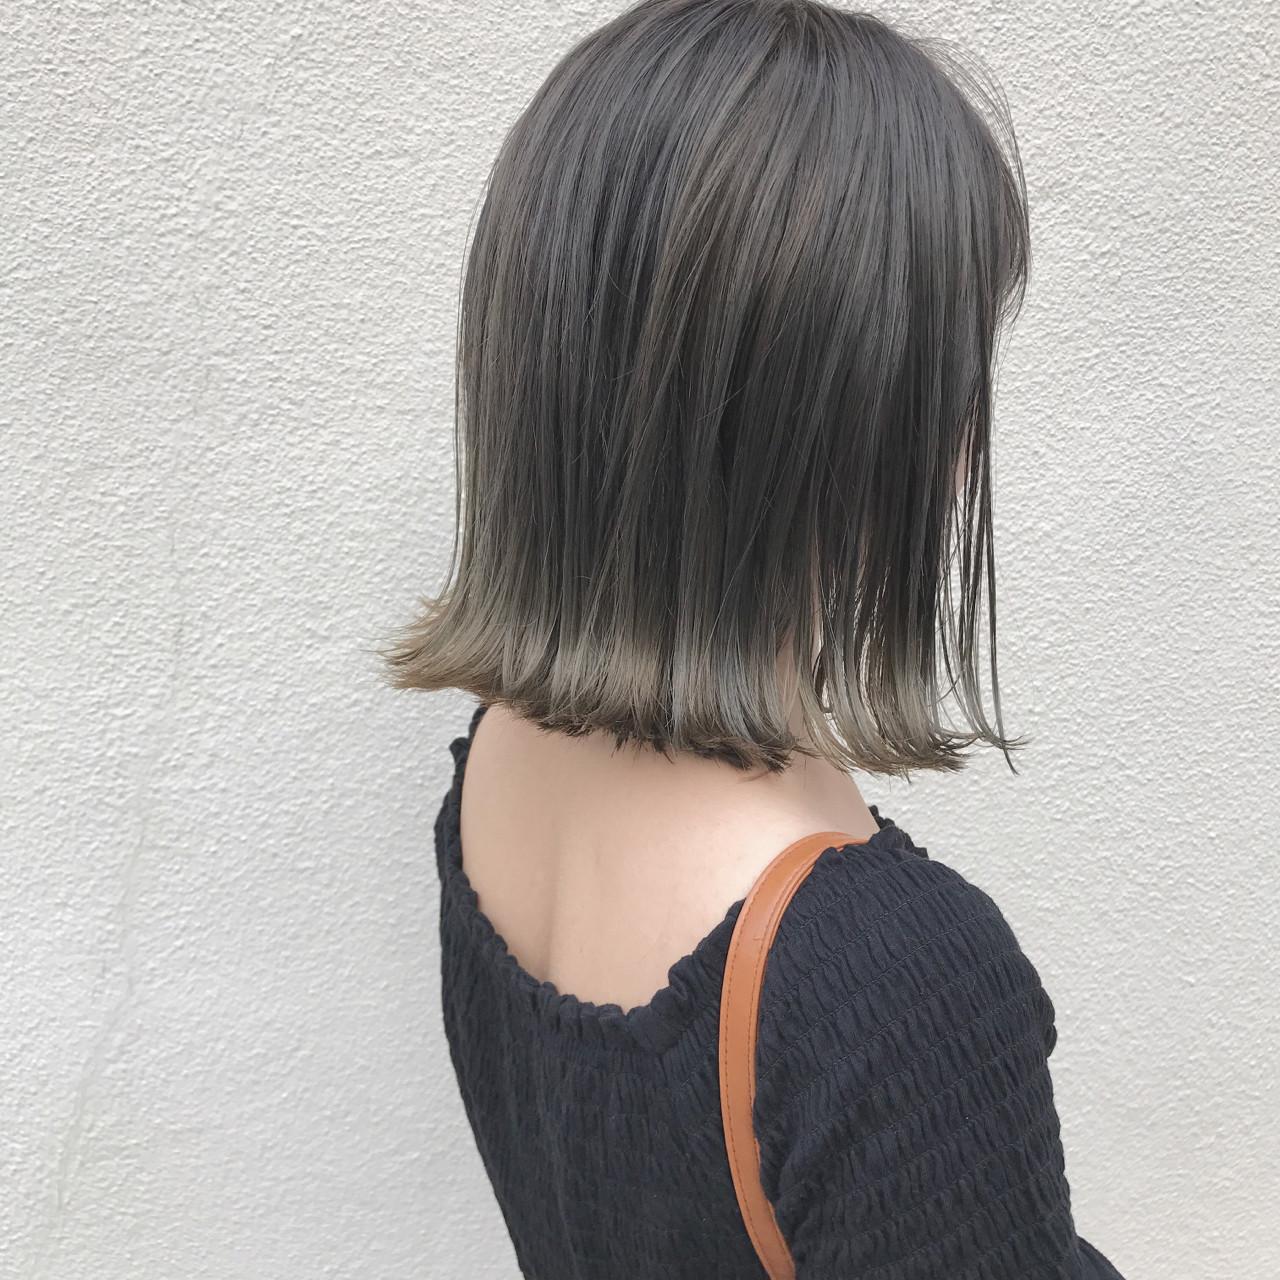 ナチュラル 切りっぱなし ハイライト 透明感 ヘアスタイルや髪型の写真・画像